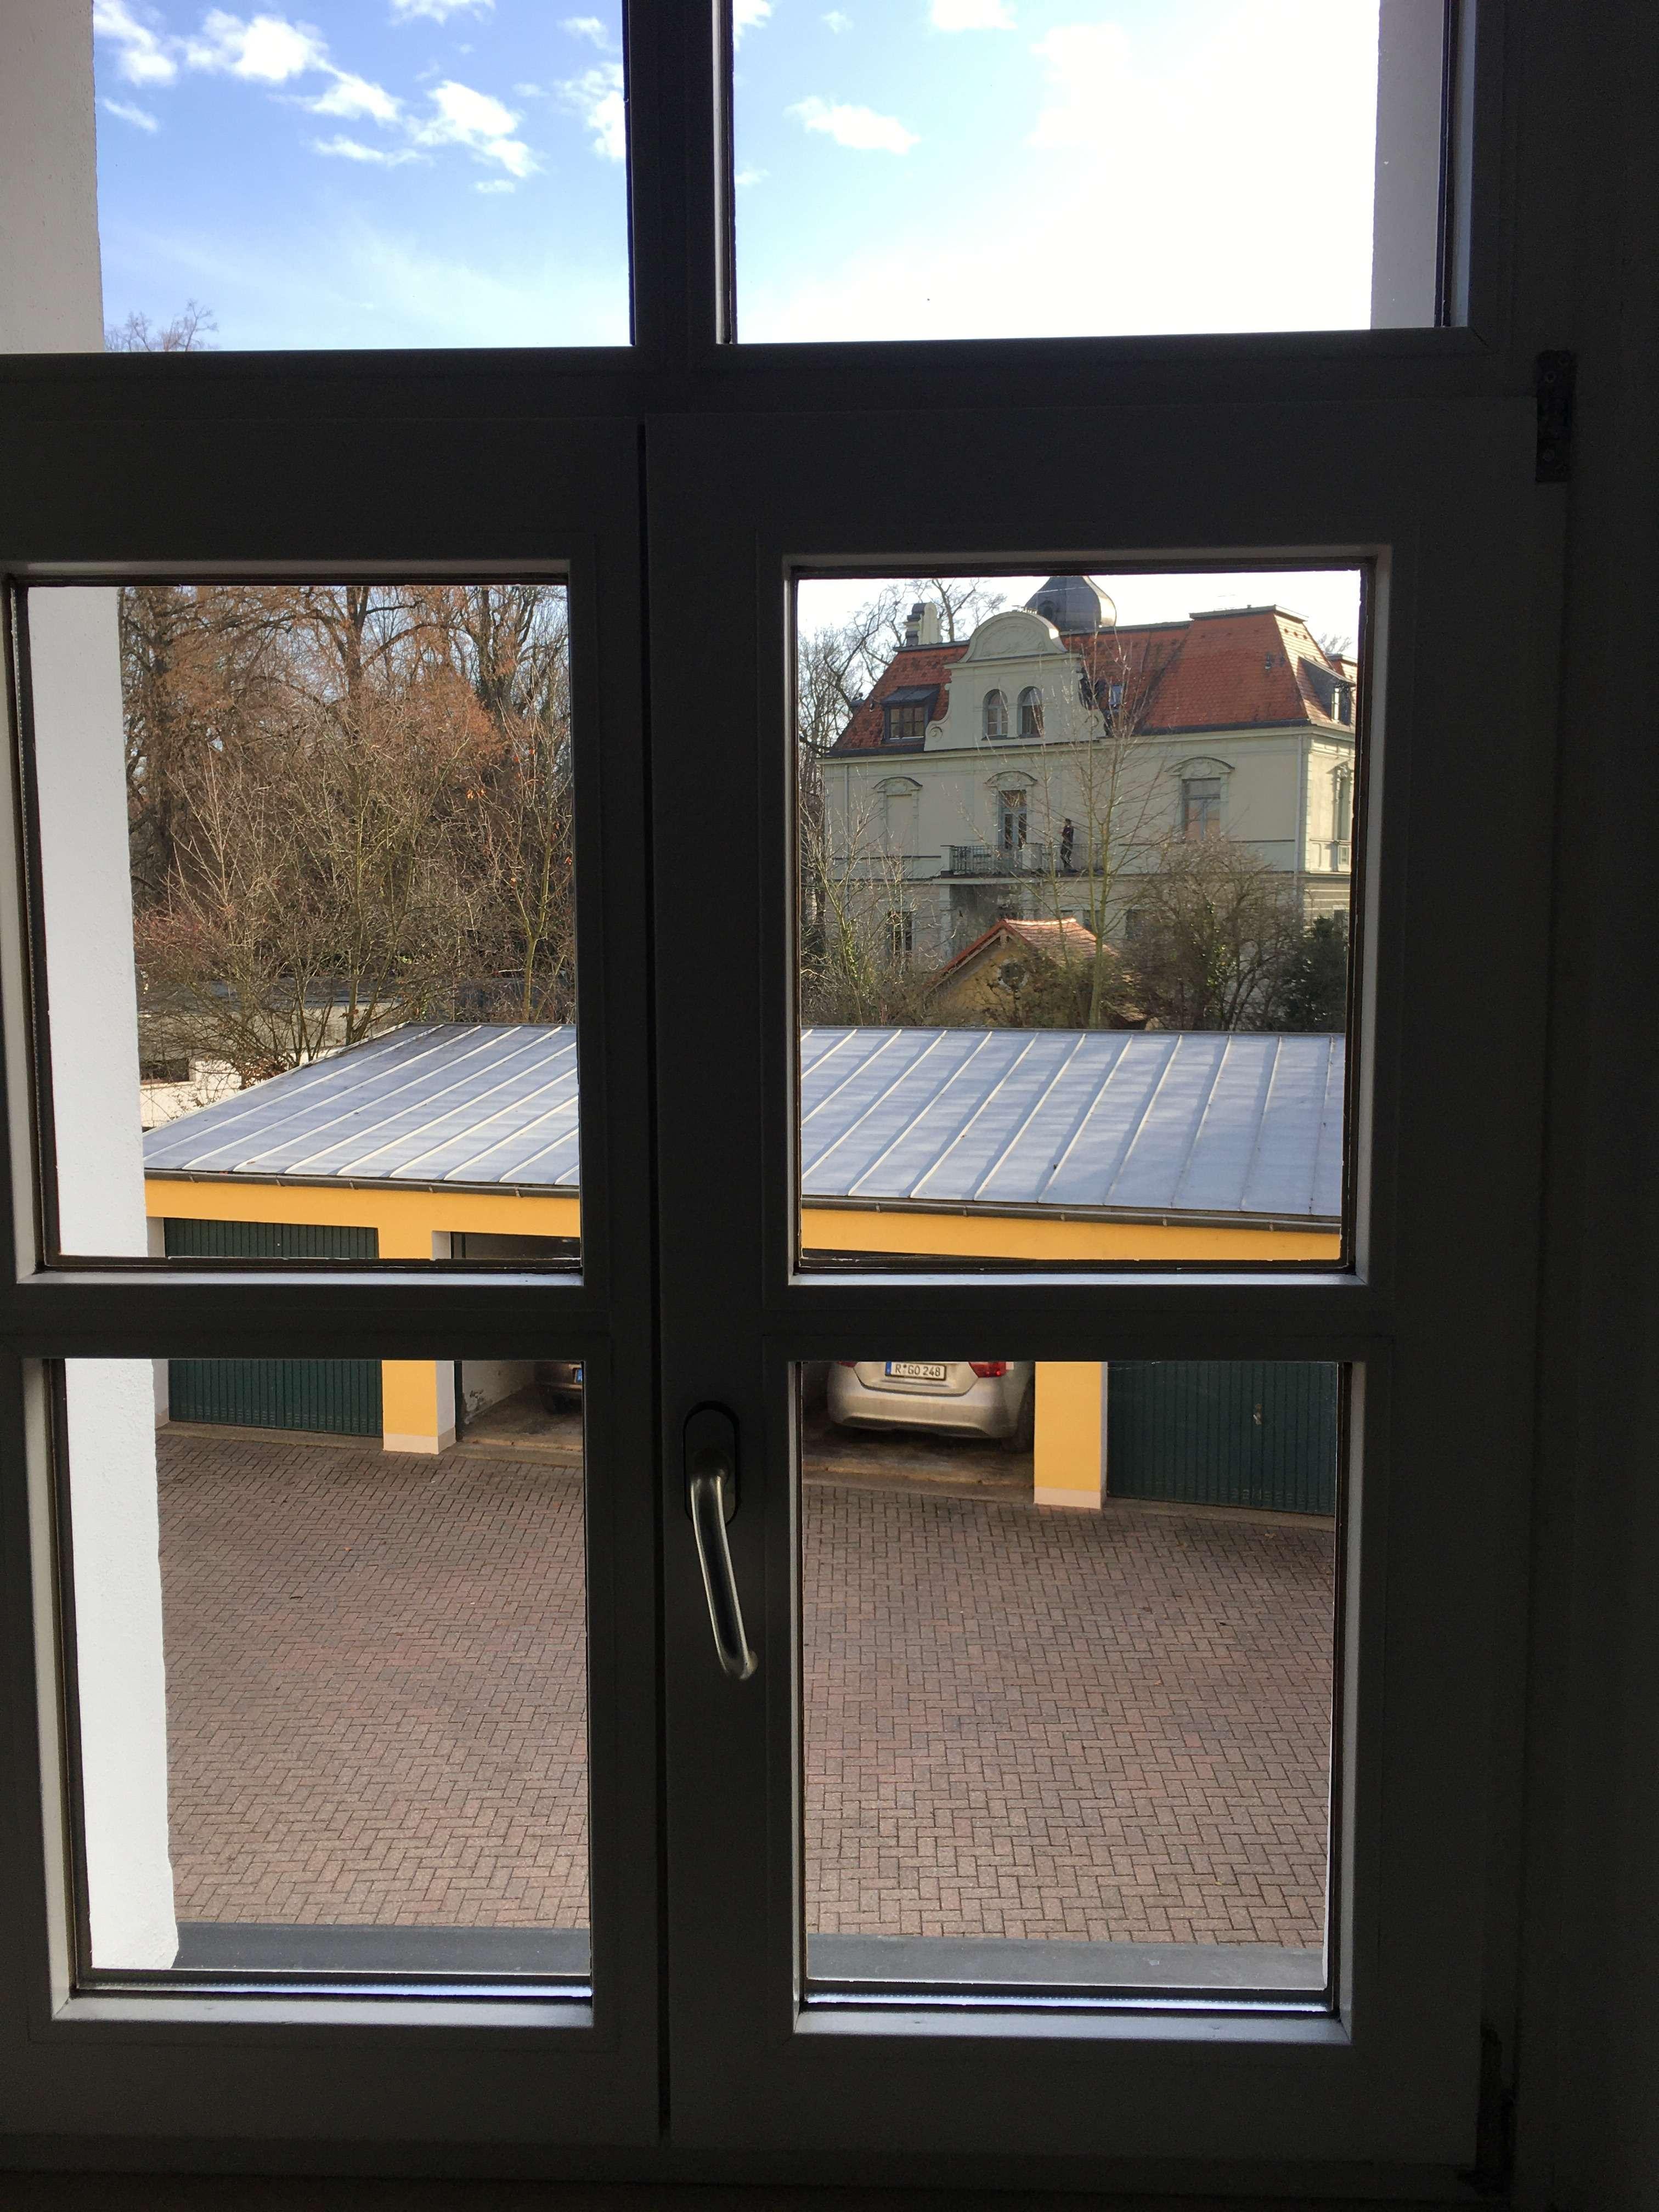 Bestlage: Innerster Westen. 2-Zimmer-Wohnung mit Südbalkon in Westenviertel (Regensburg)